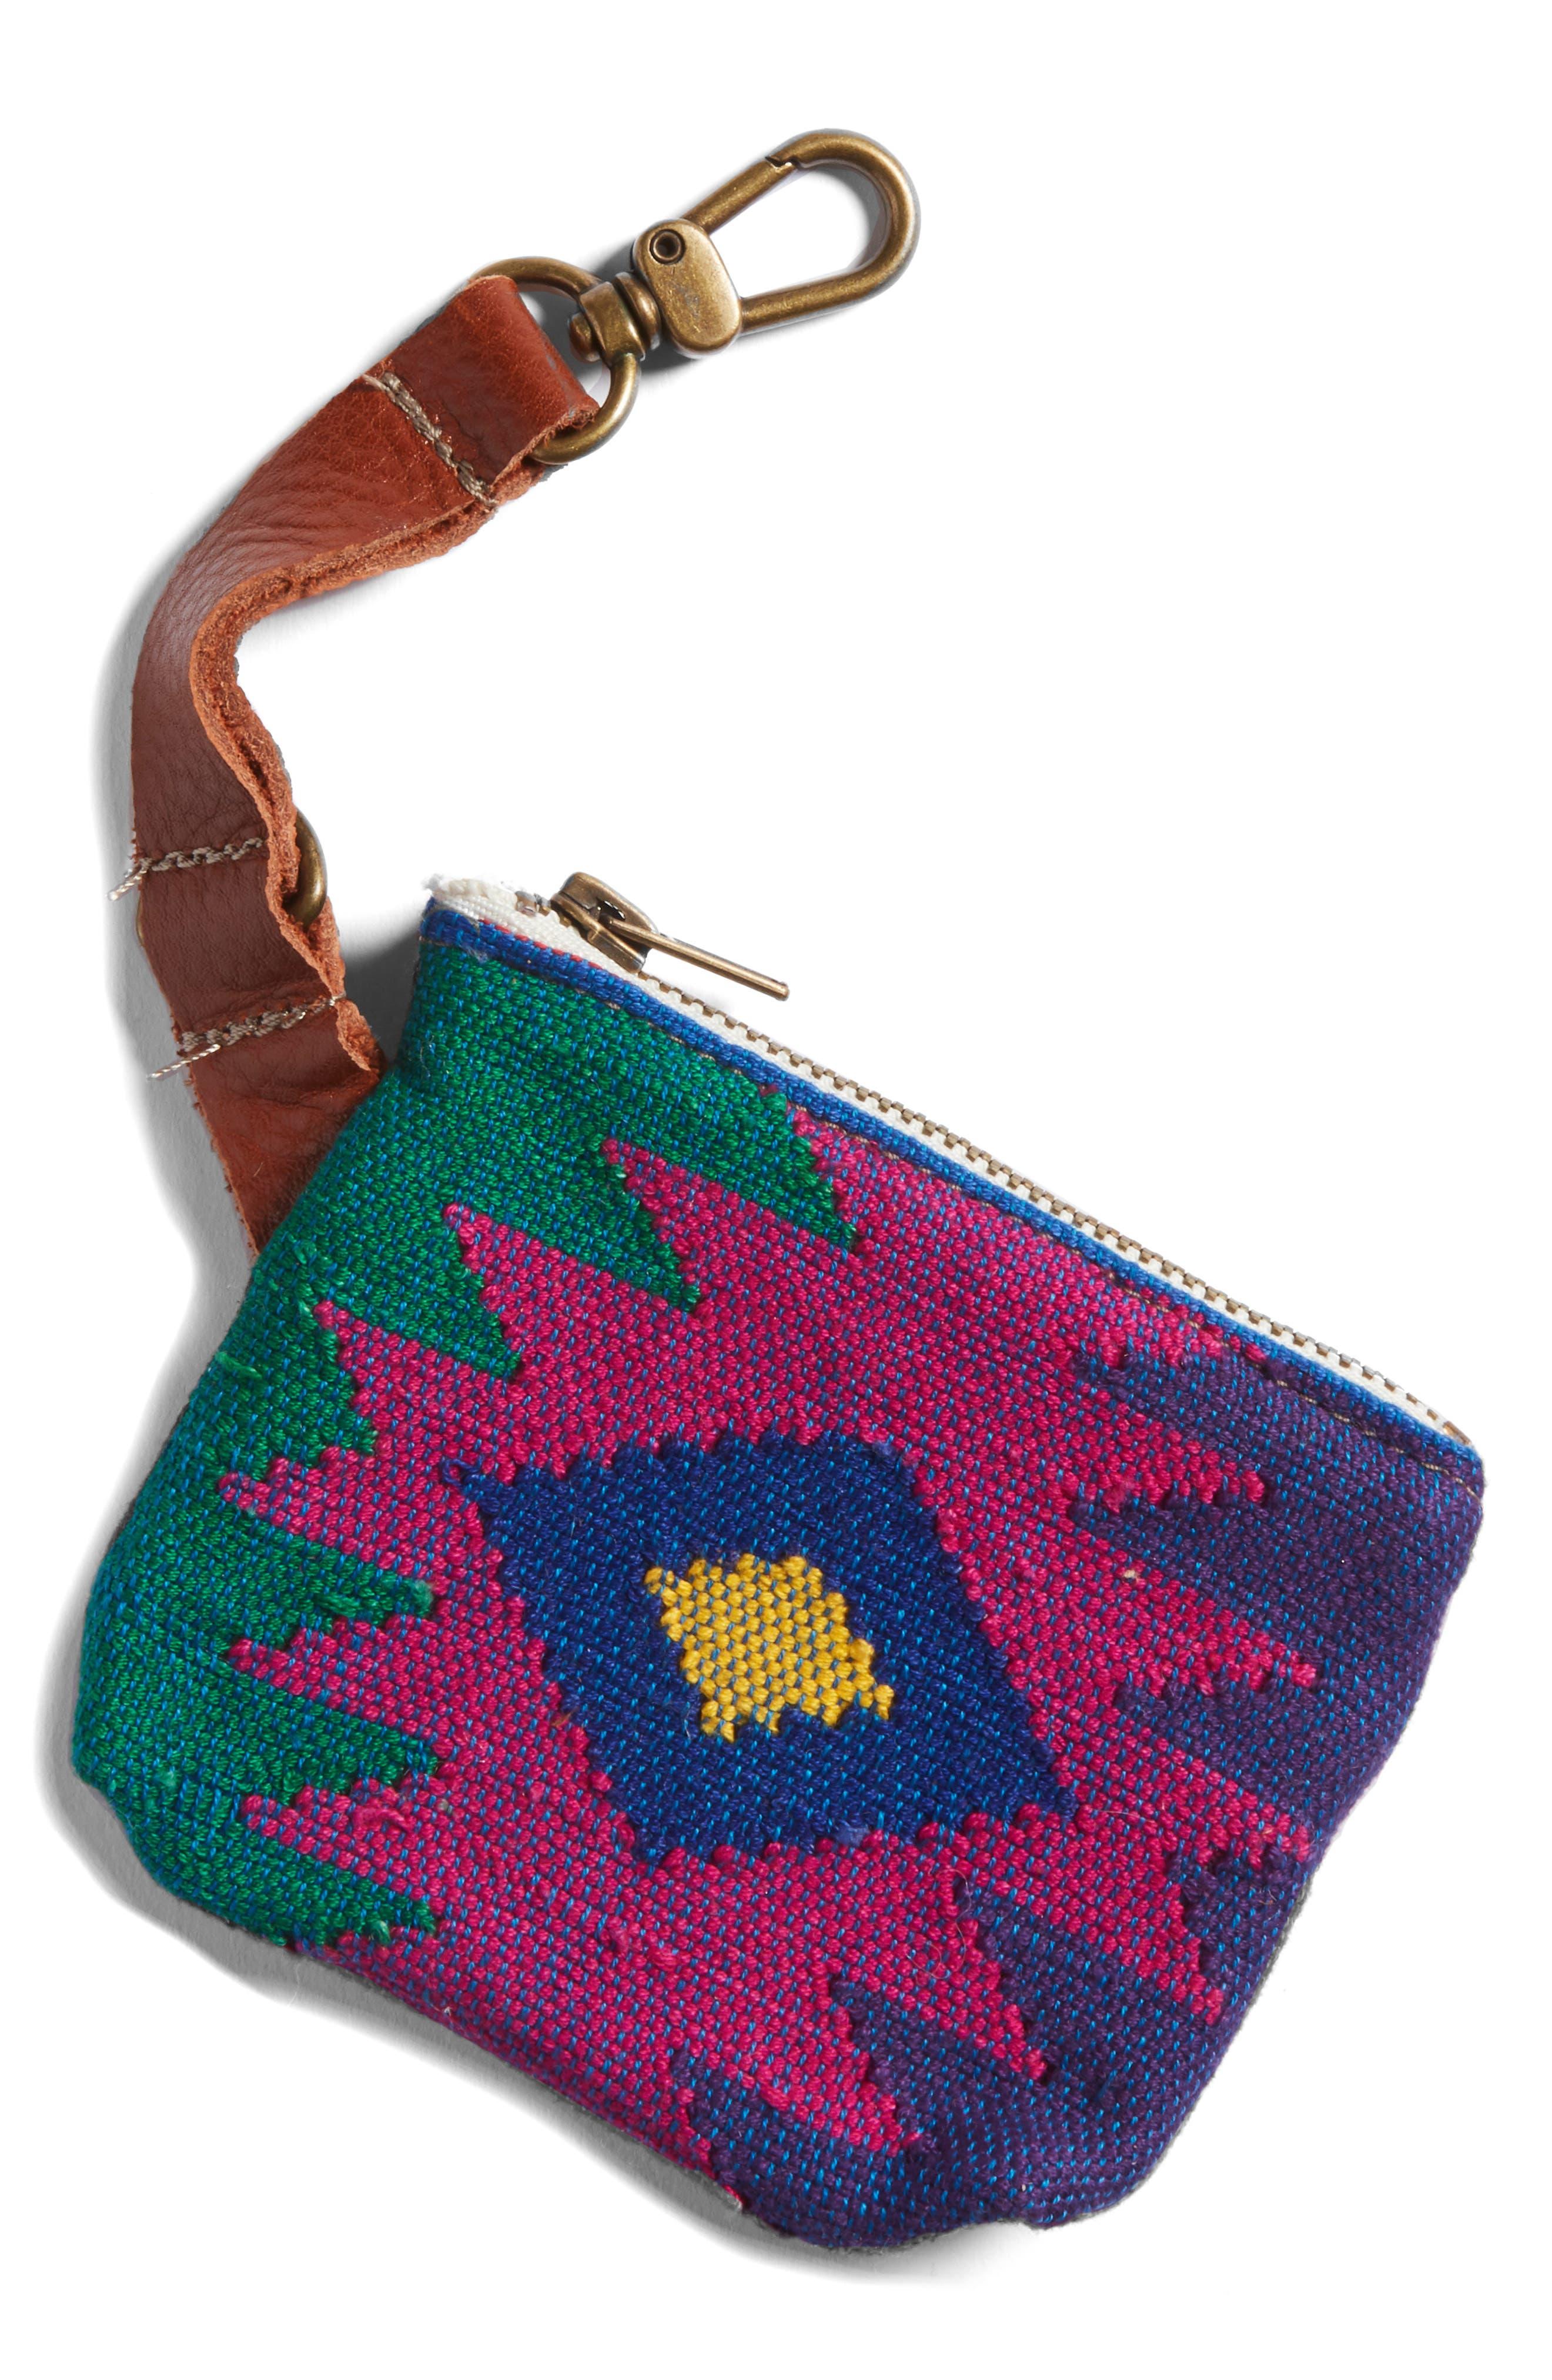 Oaxaca Sunburst Waste Bag Pouch,                         Main,                         color, Oxaca Green/ Purple